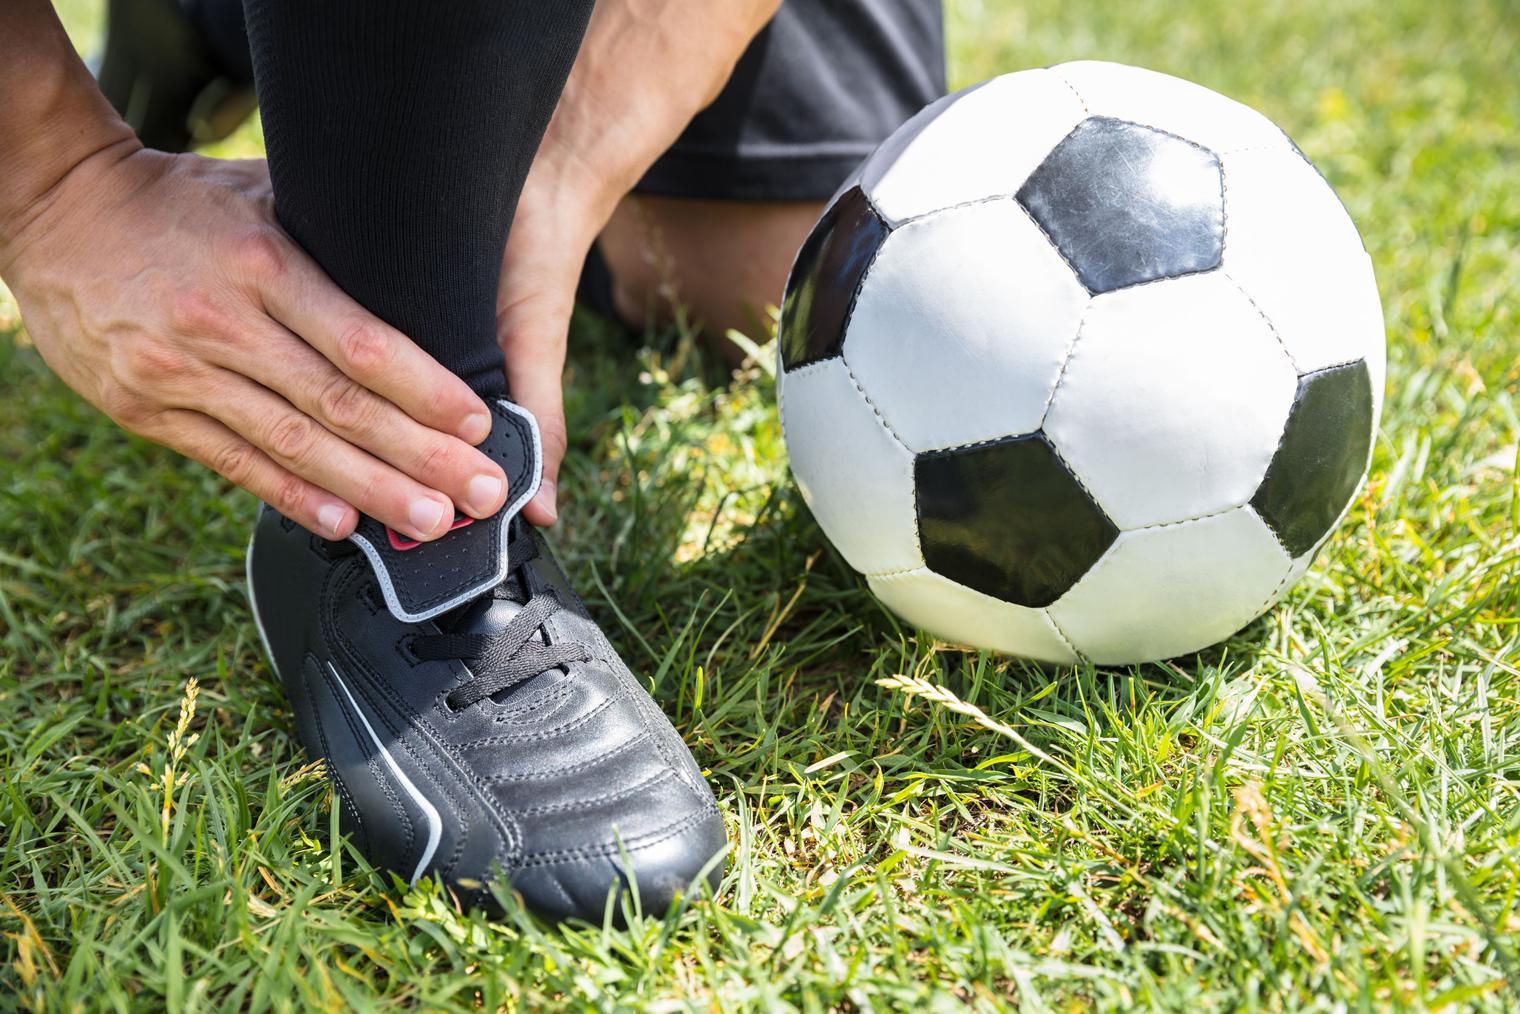 Soccer et entorse à la cheville